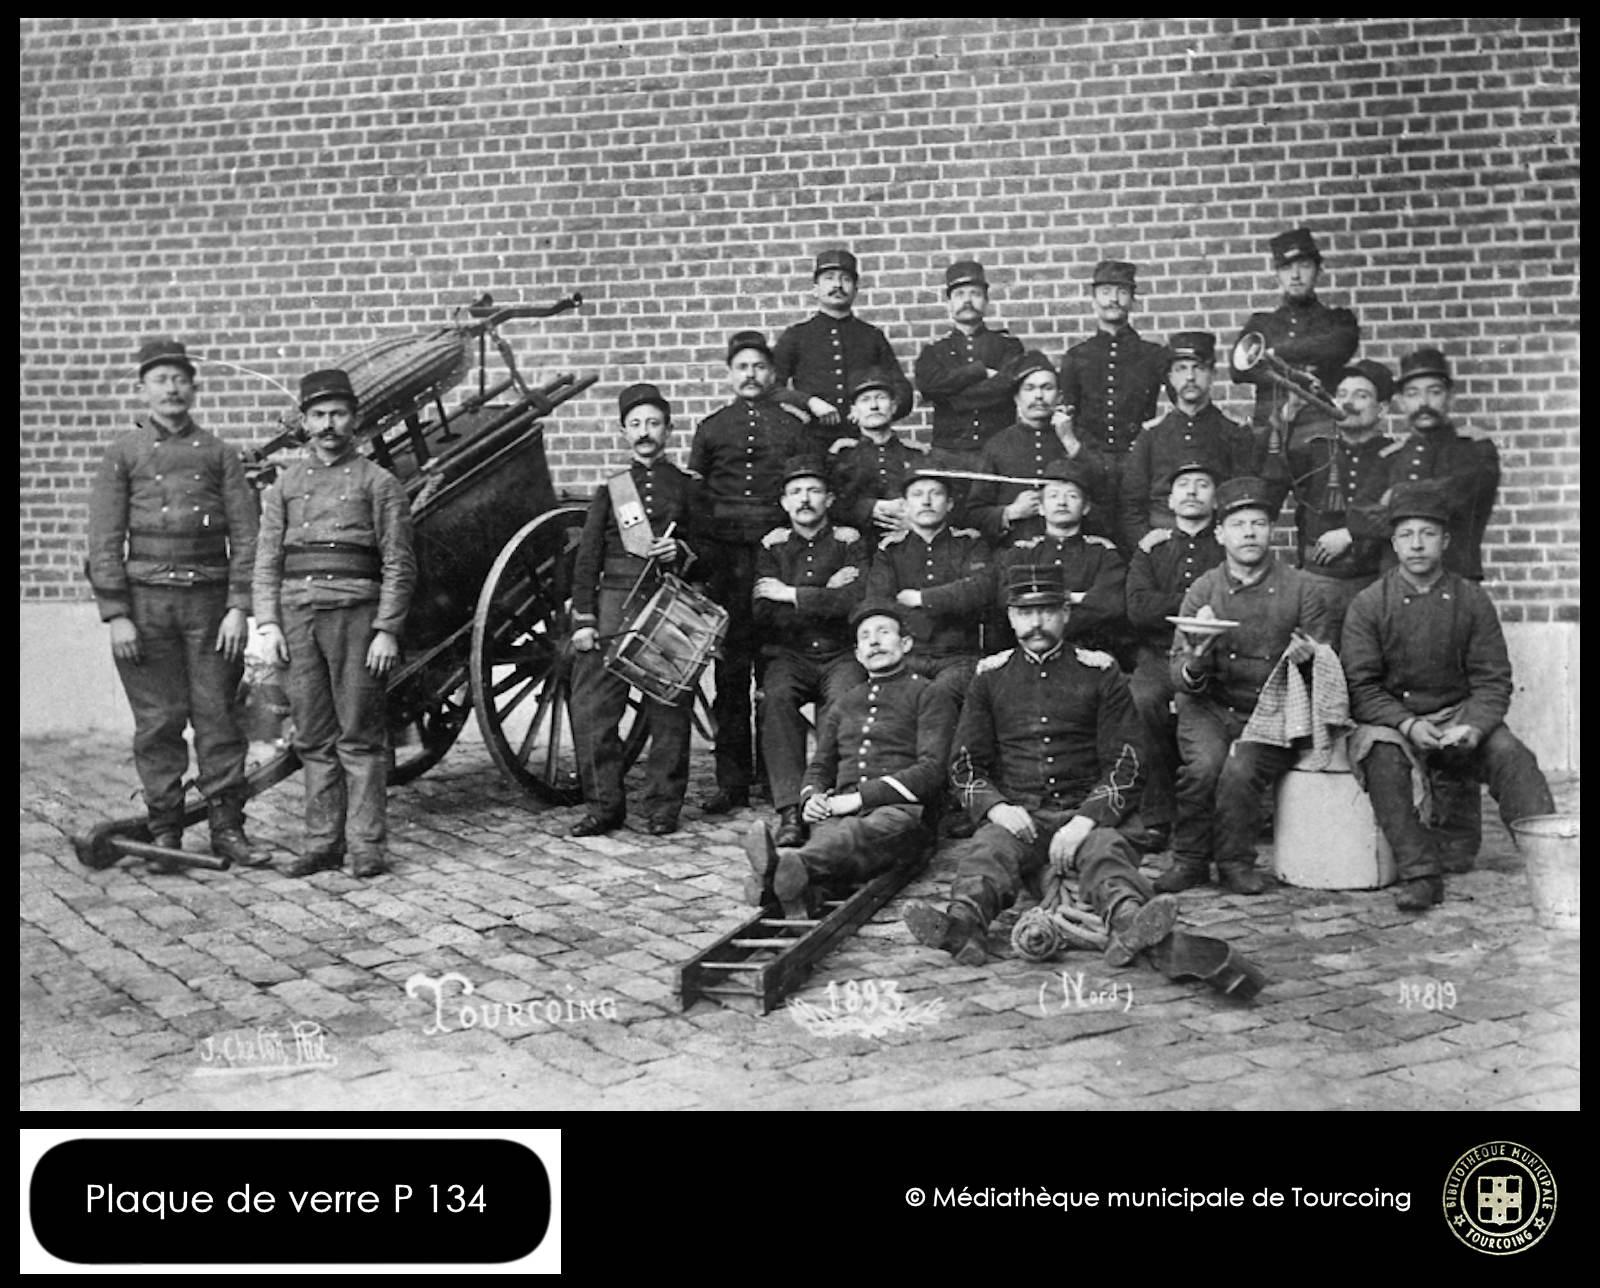 Pompiers Tourcoing 1893 - Plaque en verre, Chalon Photographe.